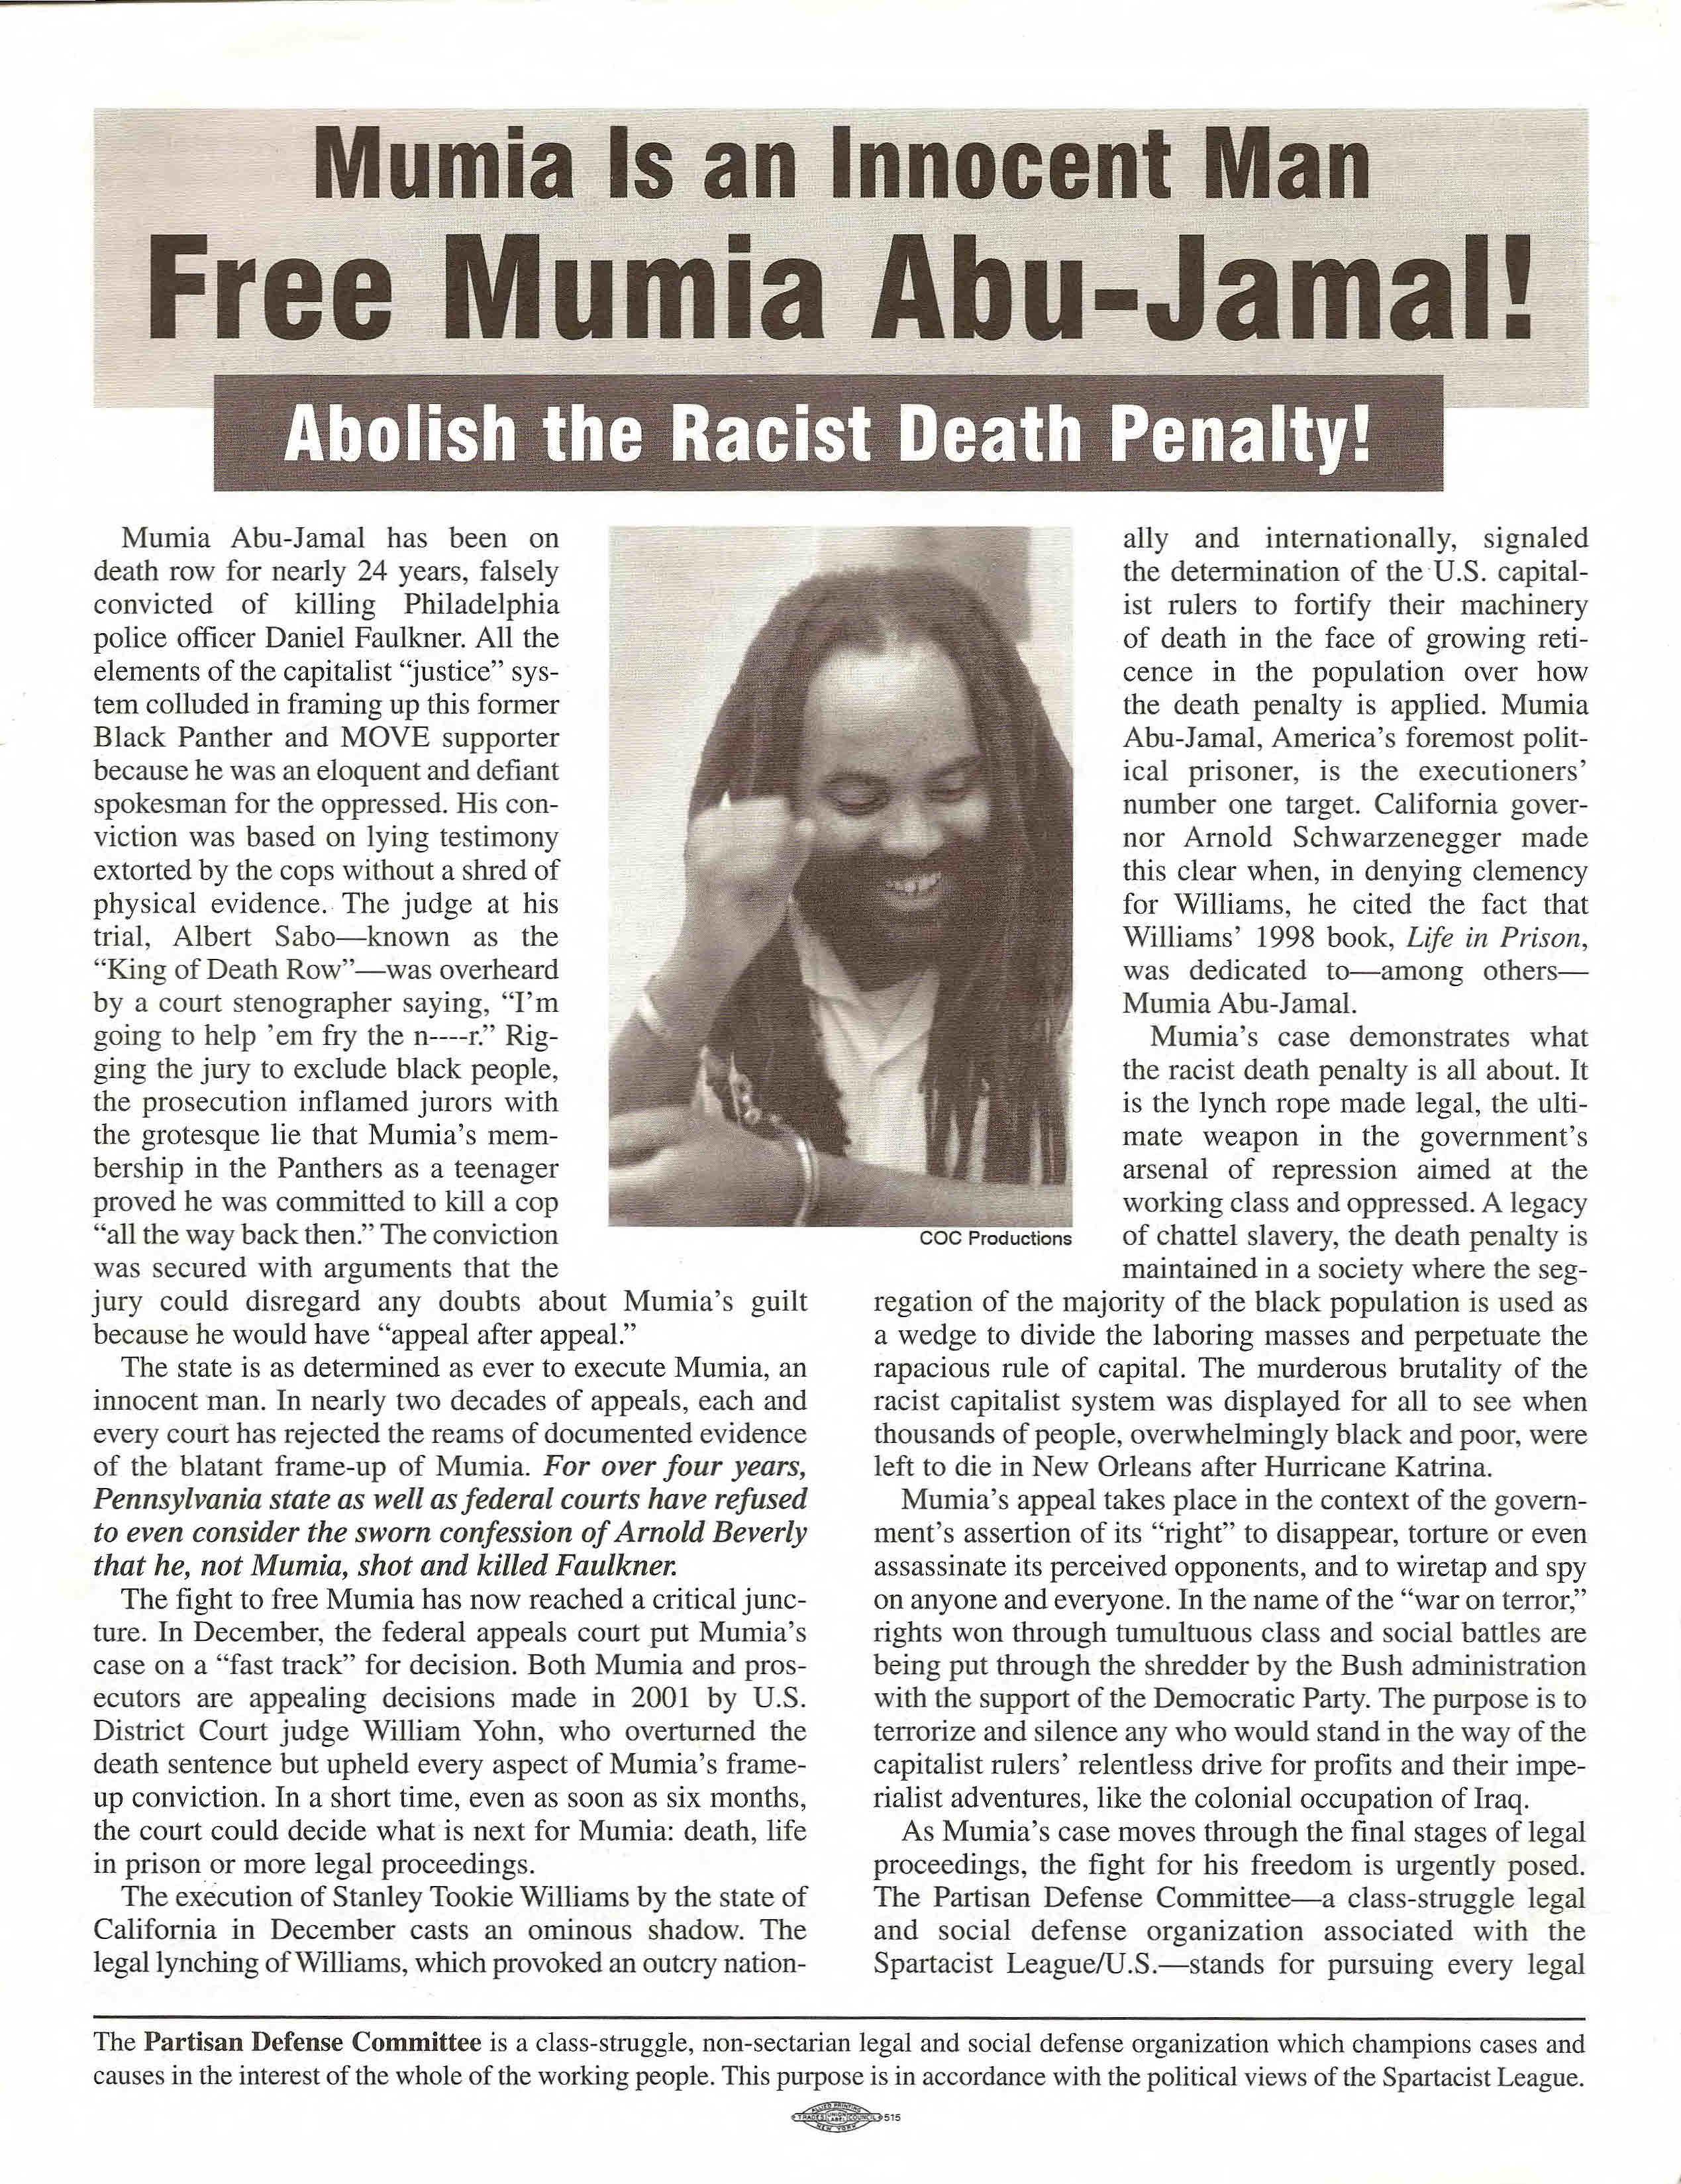 Copy of Free Mumia Abu-Jamal!